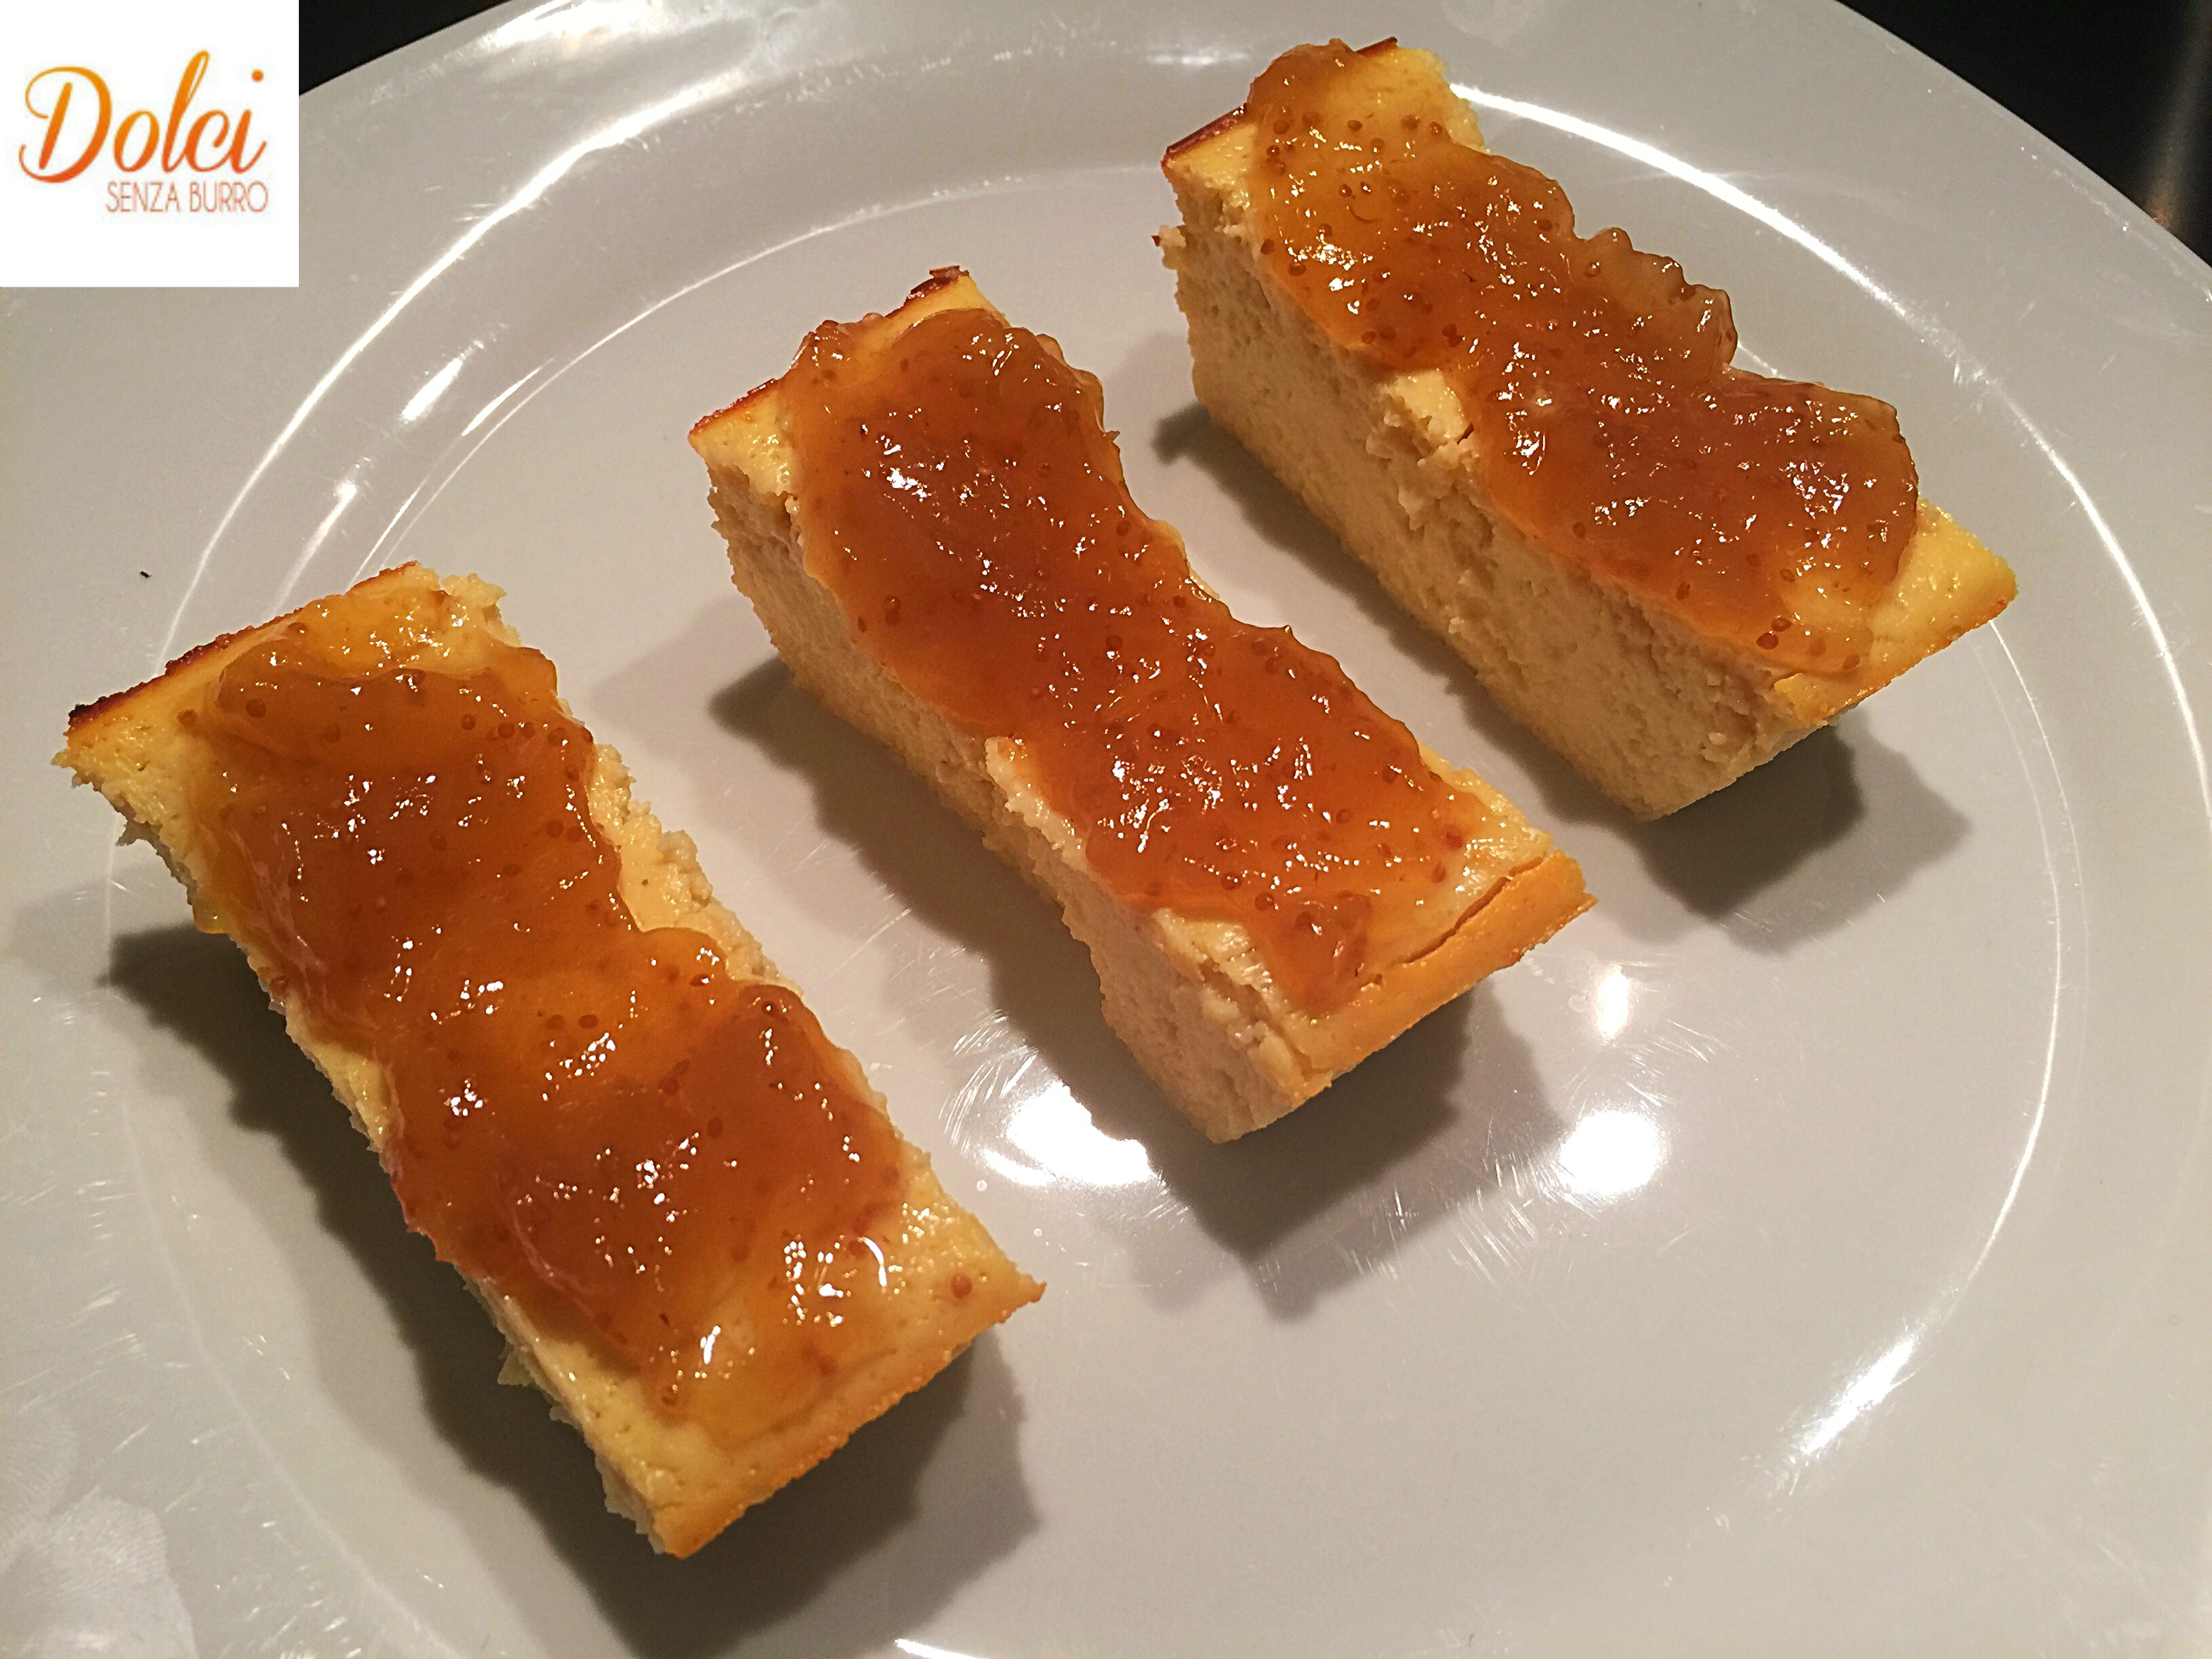 Torta Dolce al Formaggio e Fichi, una rivisitazione della cheesecake di dolci senza burro